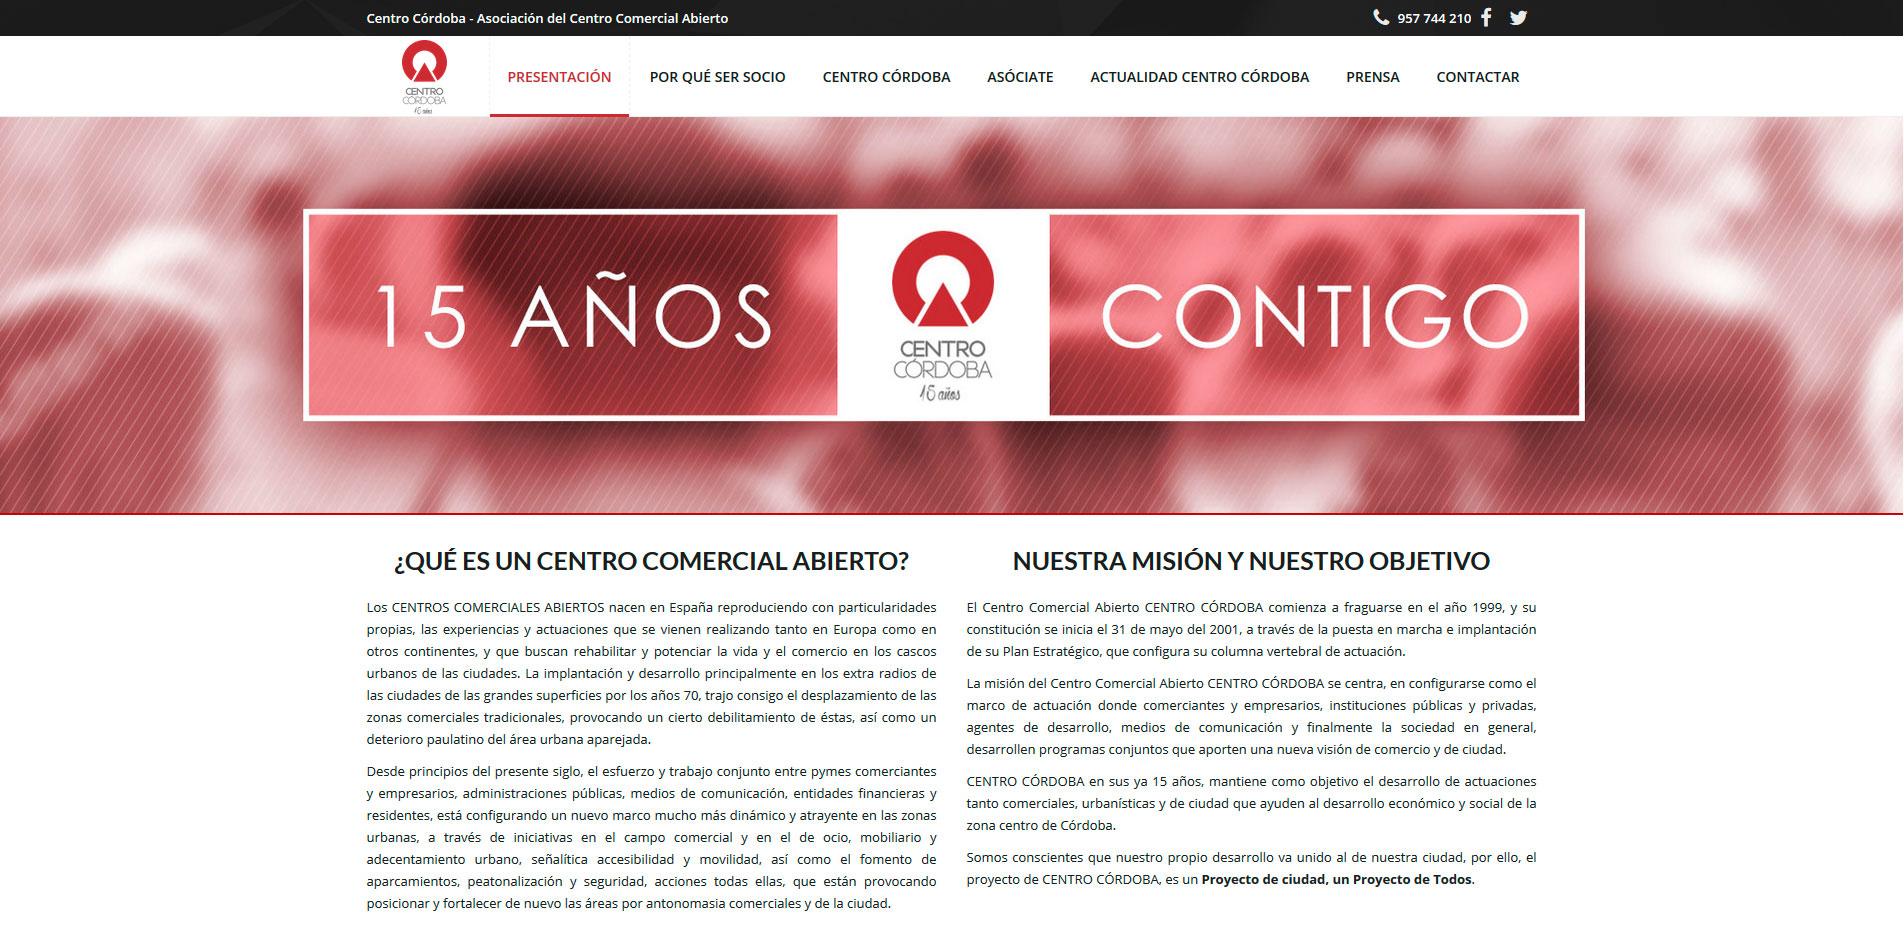 Presentación de la nueva web XV Aniversario